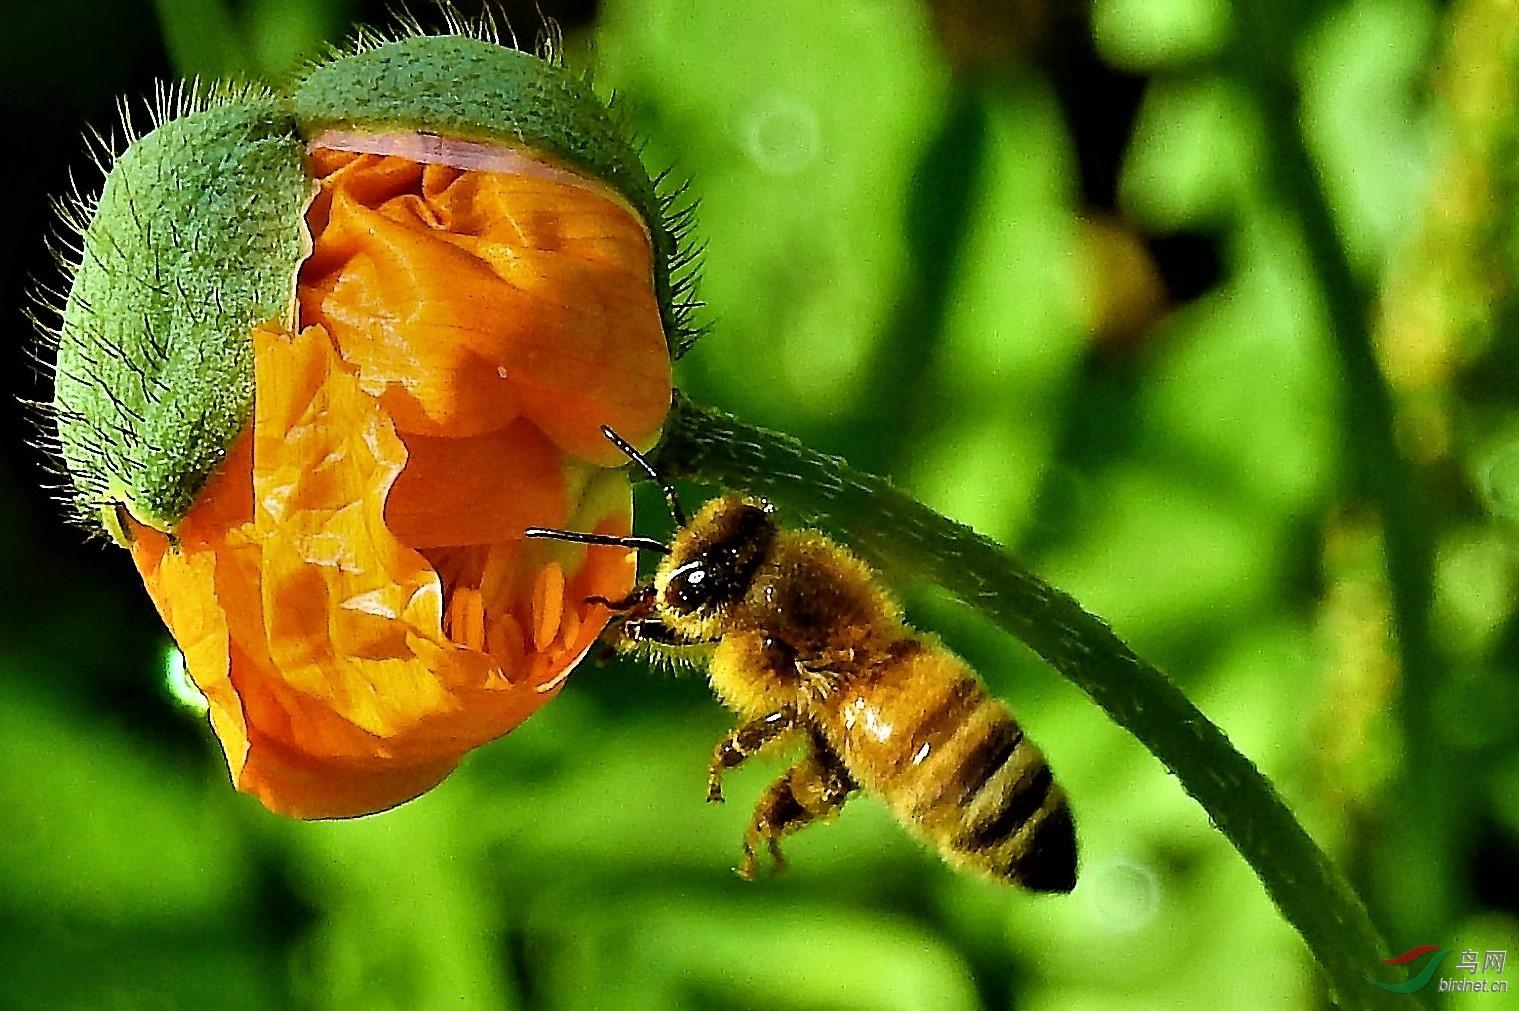 中华蜜蜂可以采茶叶吗(中华蜜蜂采茶叶会中毒么?)